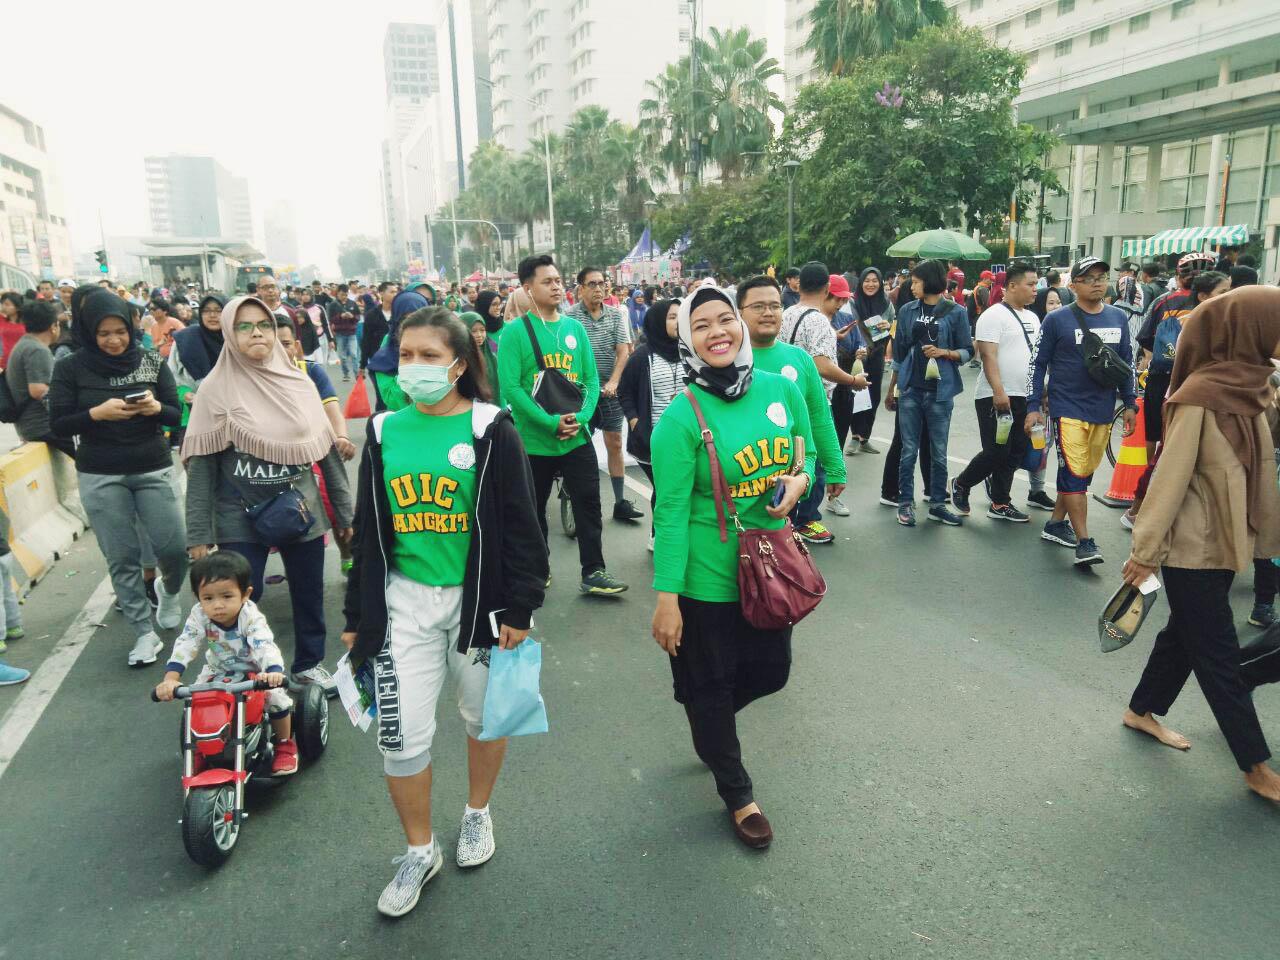 UIC Promosi Penerimaan Mahasiswa Baru di Car Free Day Jakarta